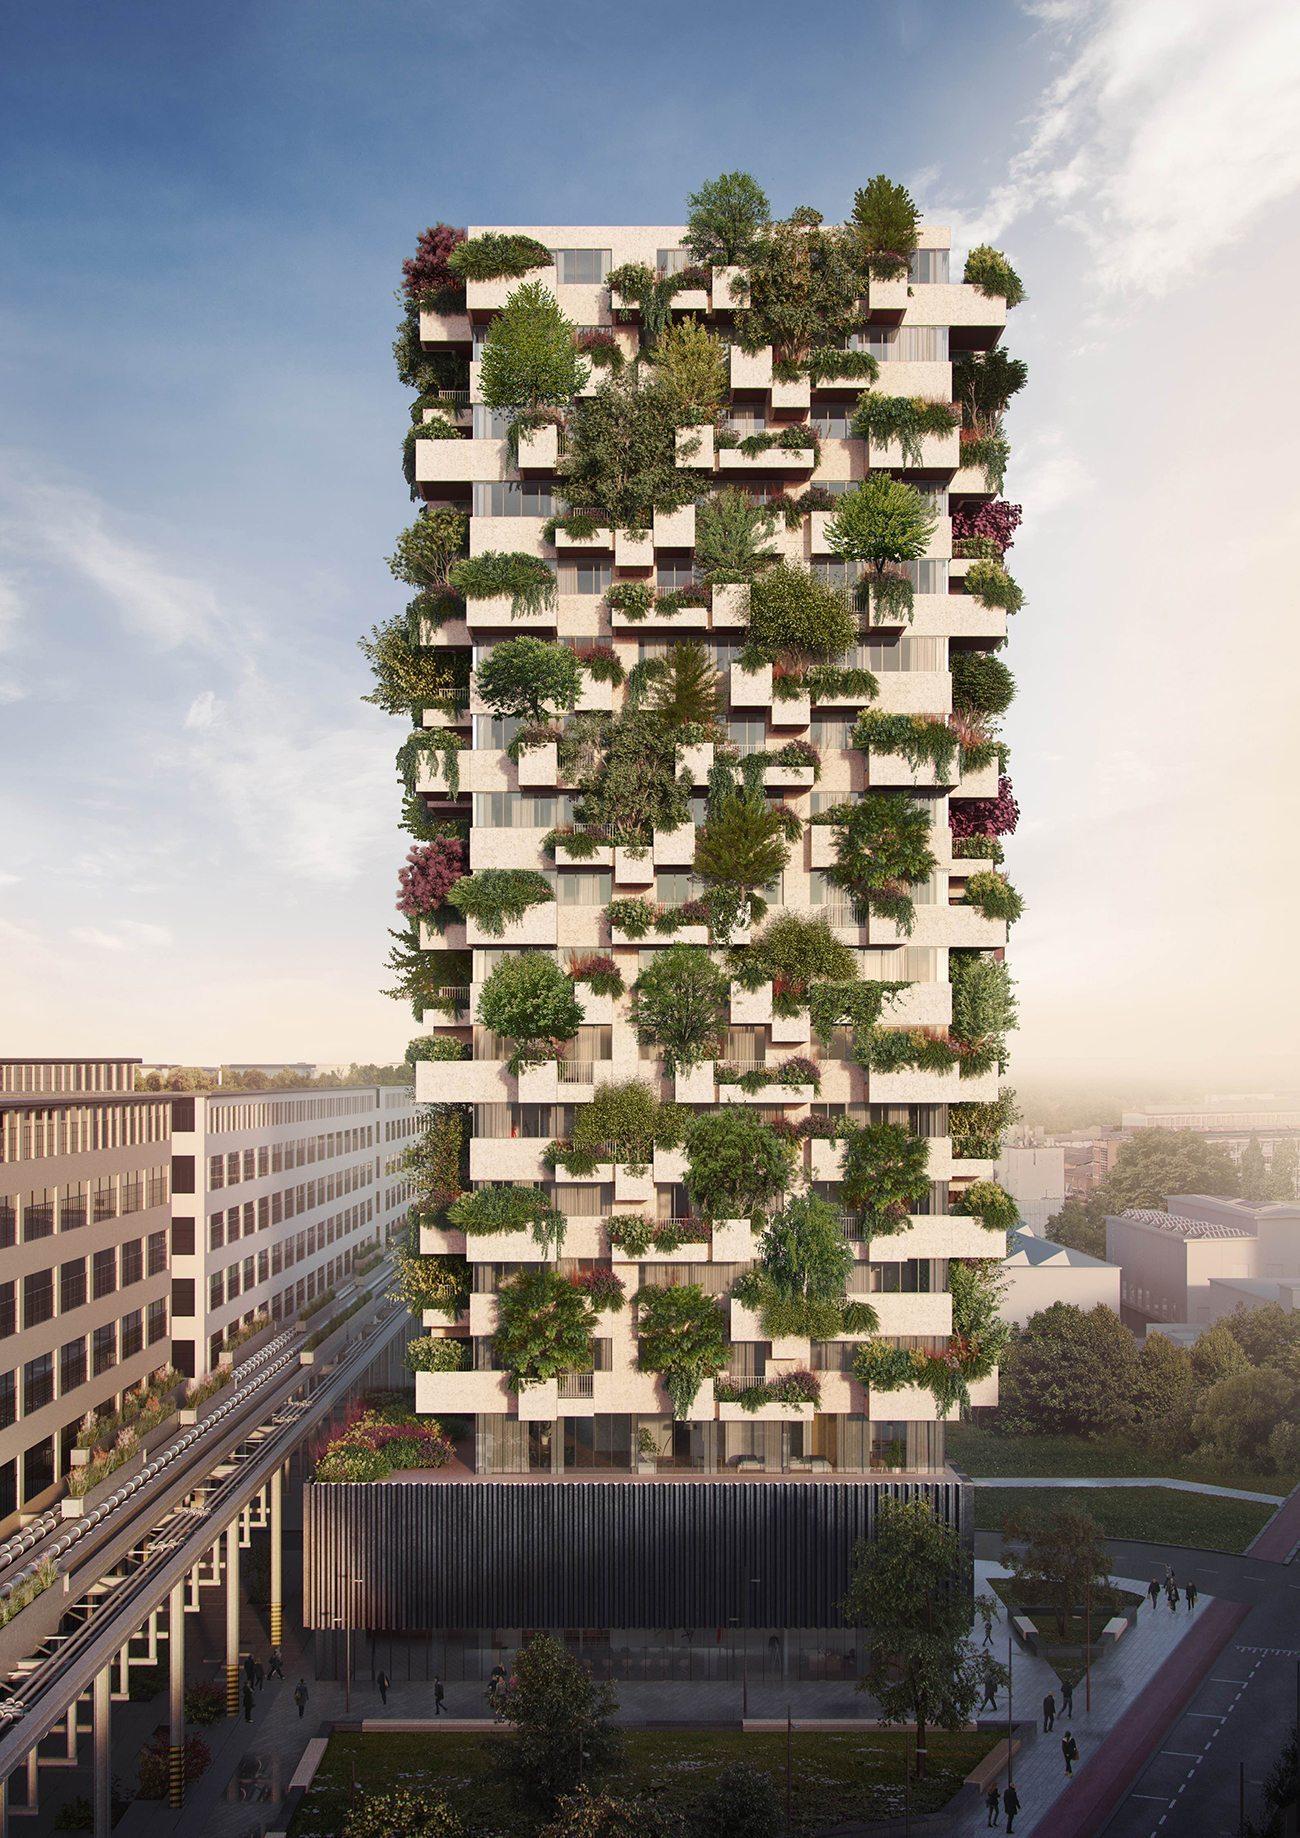 Perspectiva de como será o prédio de 19 andares no sul da Holanda.